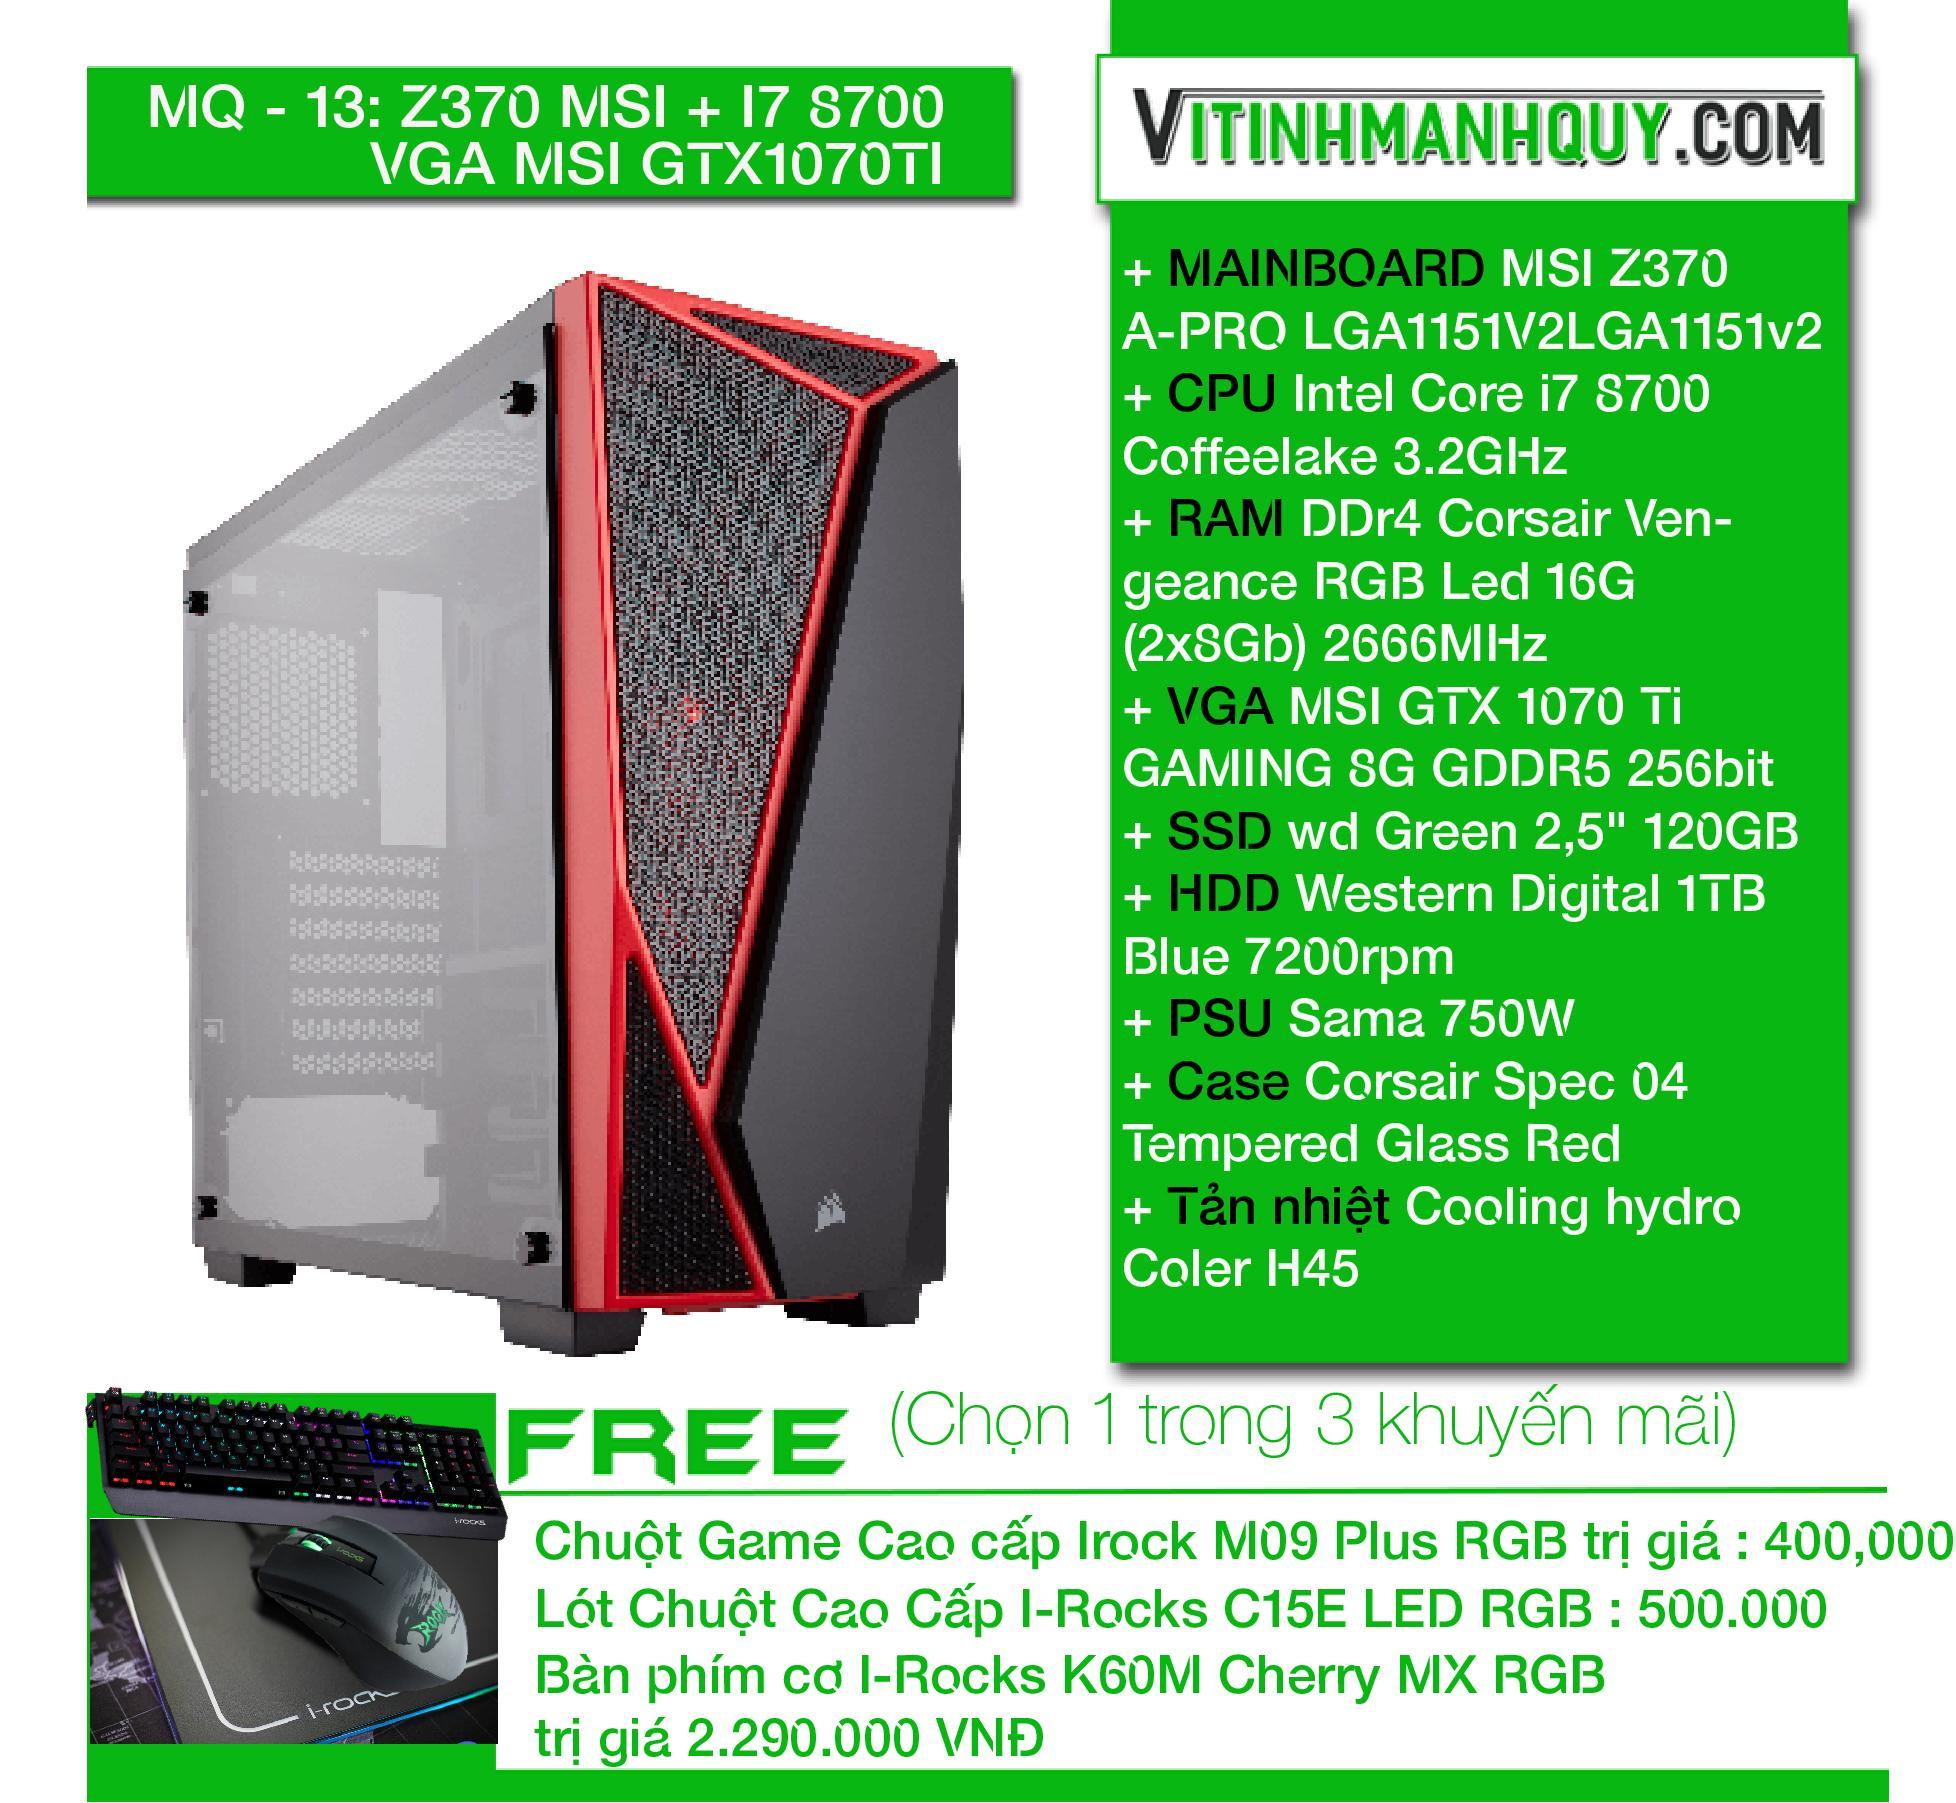 Hình ảnh MQ13Z370 MSI + VGA MSI GTX1070TI + I7 8700 - may bo HIEND chuyen game - CaseCorsair Spec 04 Tempered Glass Red - Intel Core i7 8700 Coffeelake 3.2GHz - DDr4 Corsair Vengeance RGB Led 16G (2x8Gb) 2666MHz - SSD wd Green 2,5